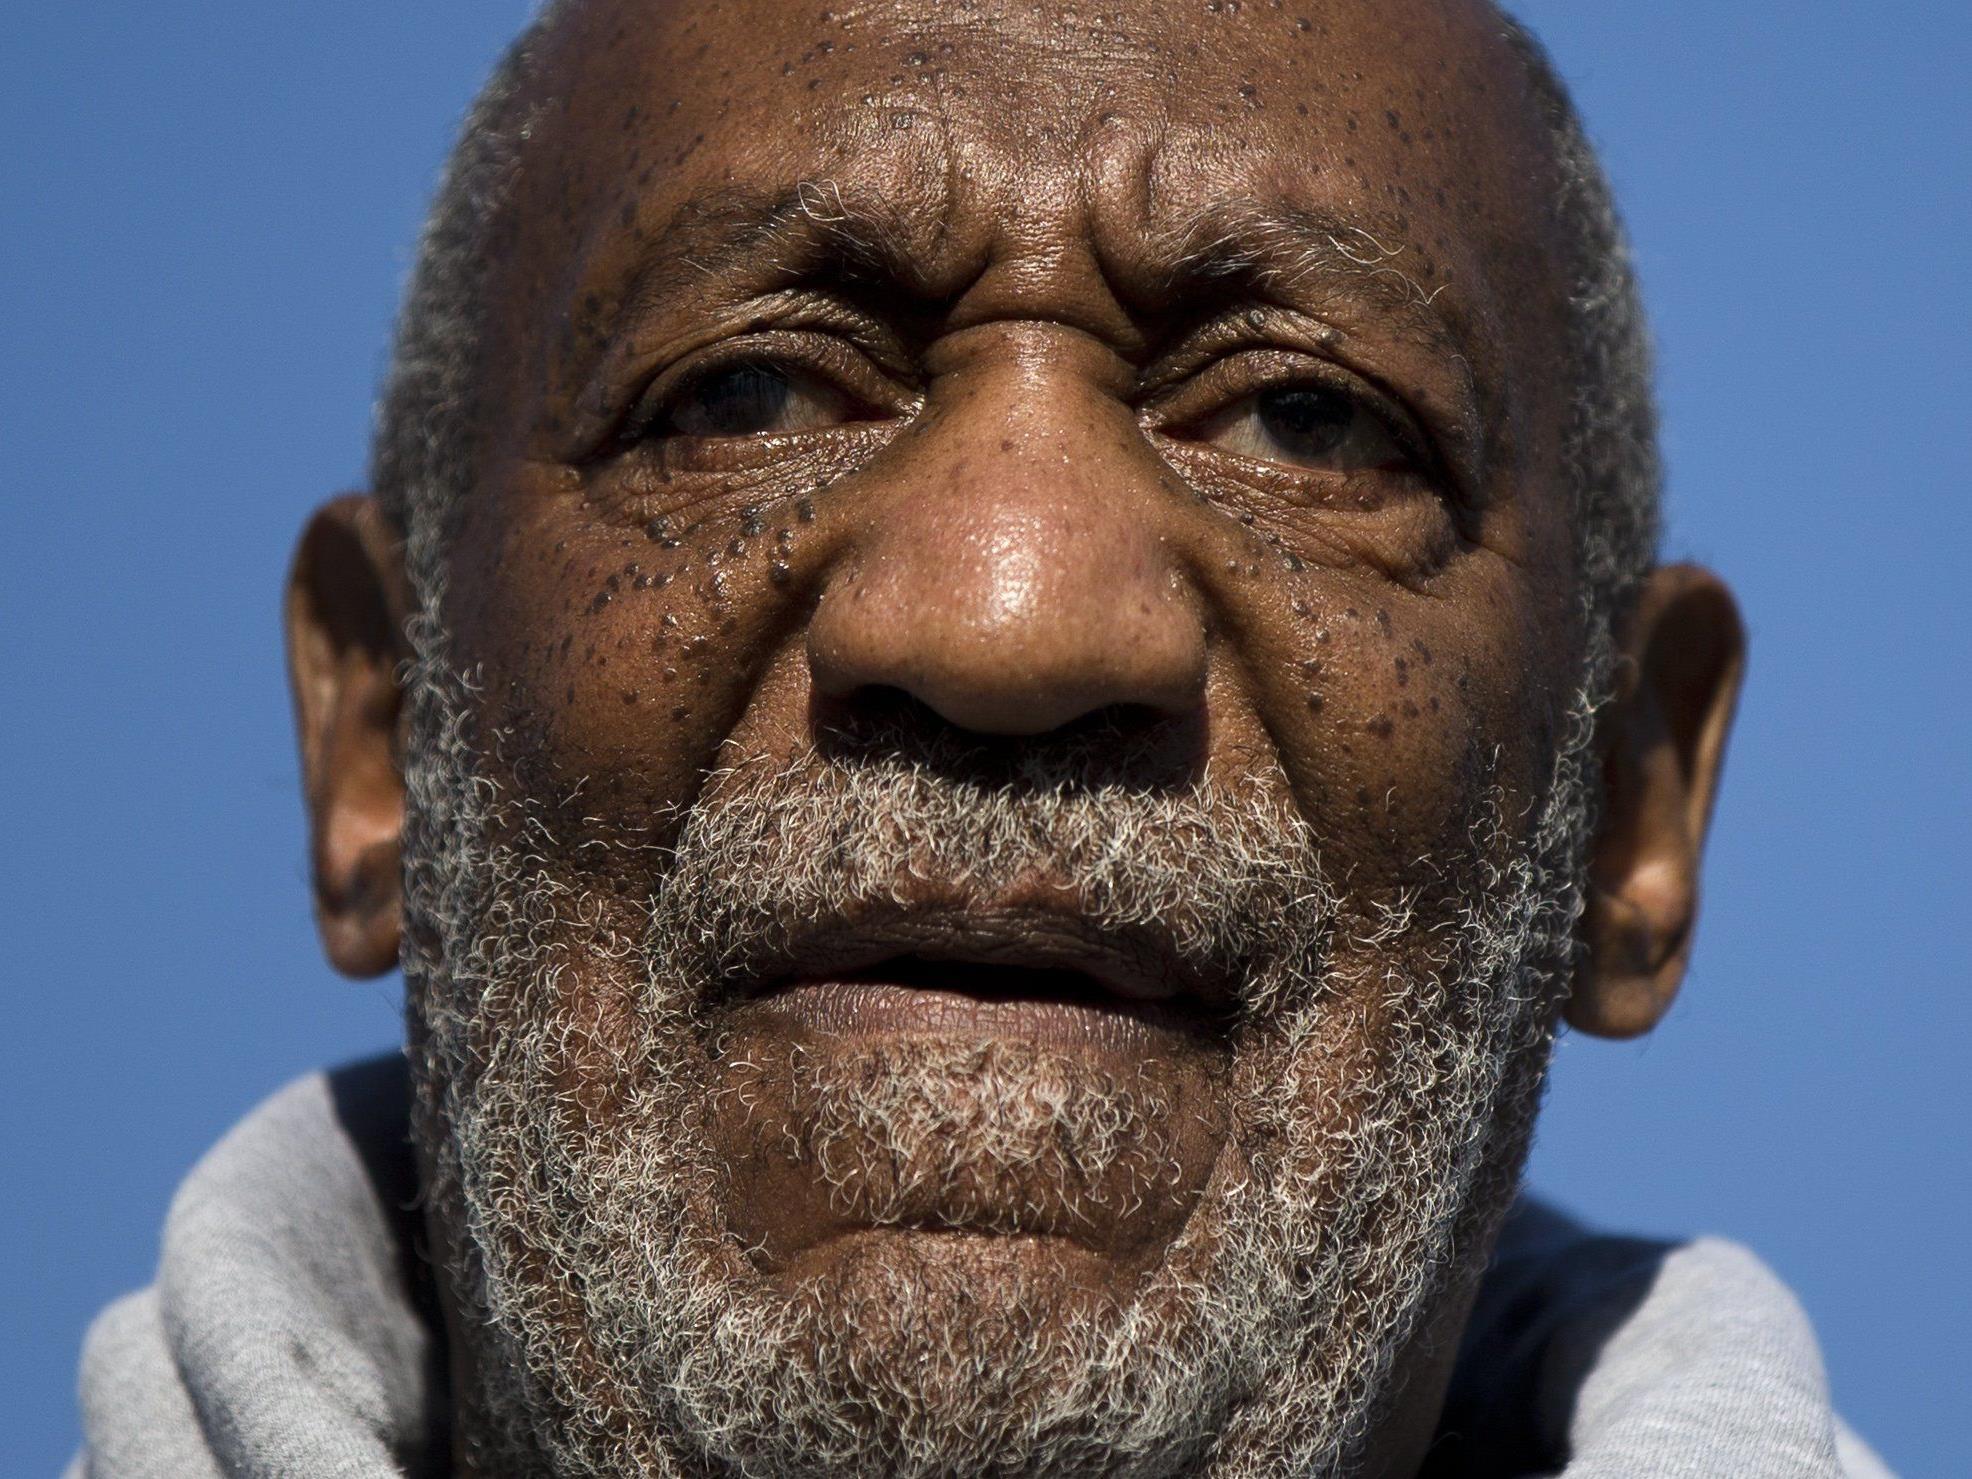 Mittlerweile erheben etwa 20 Frauen schwere Vorwürfe gegen TV-Star Bill Cosby.